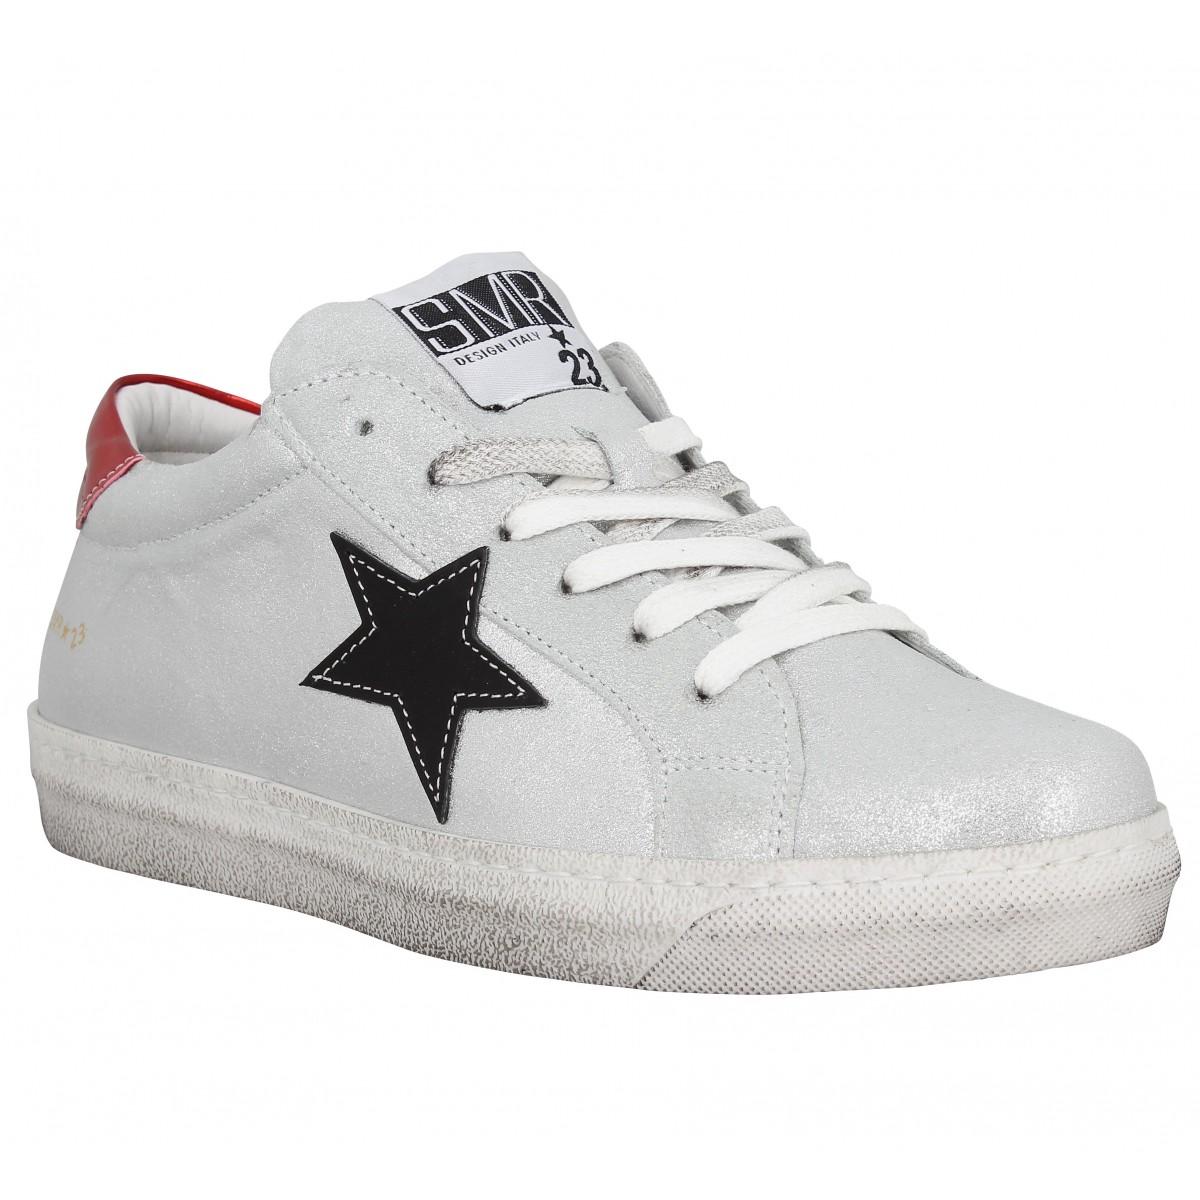 Semerdjian gecida star cuir femme argent femme   Fanny chaussures 3e1b8a57e633